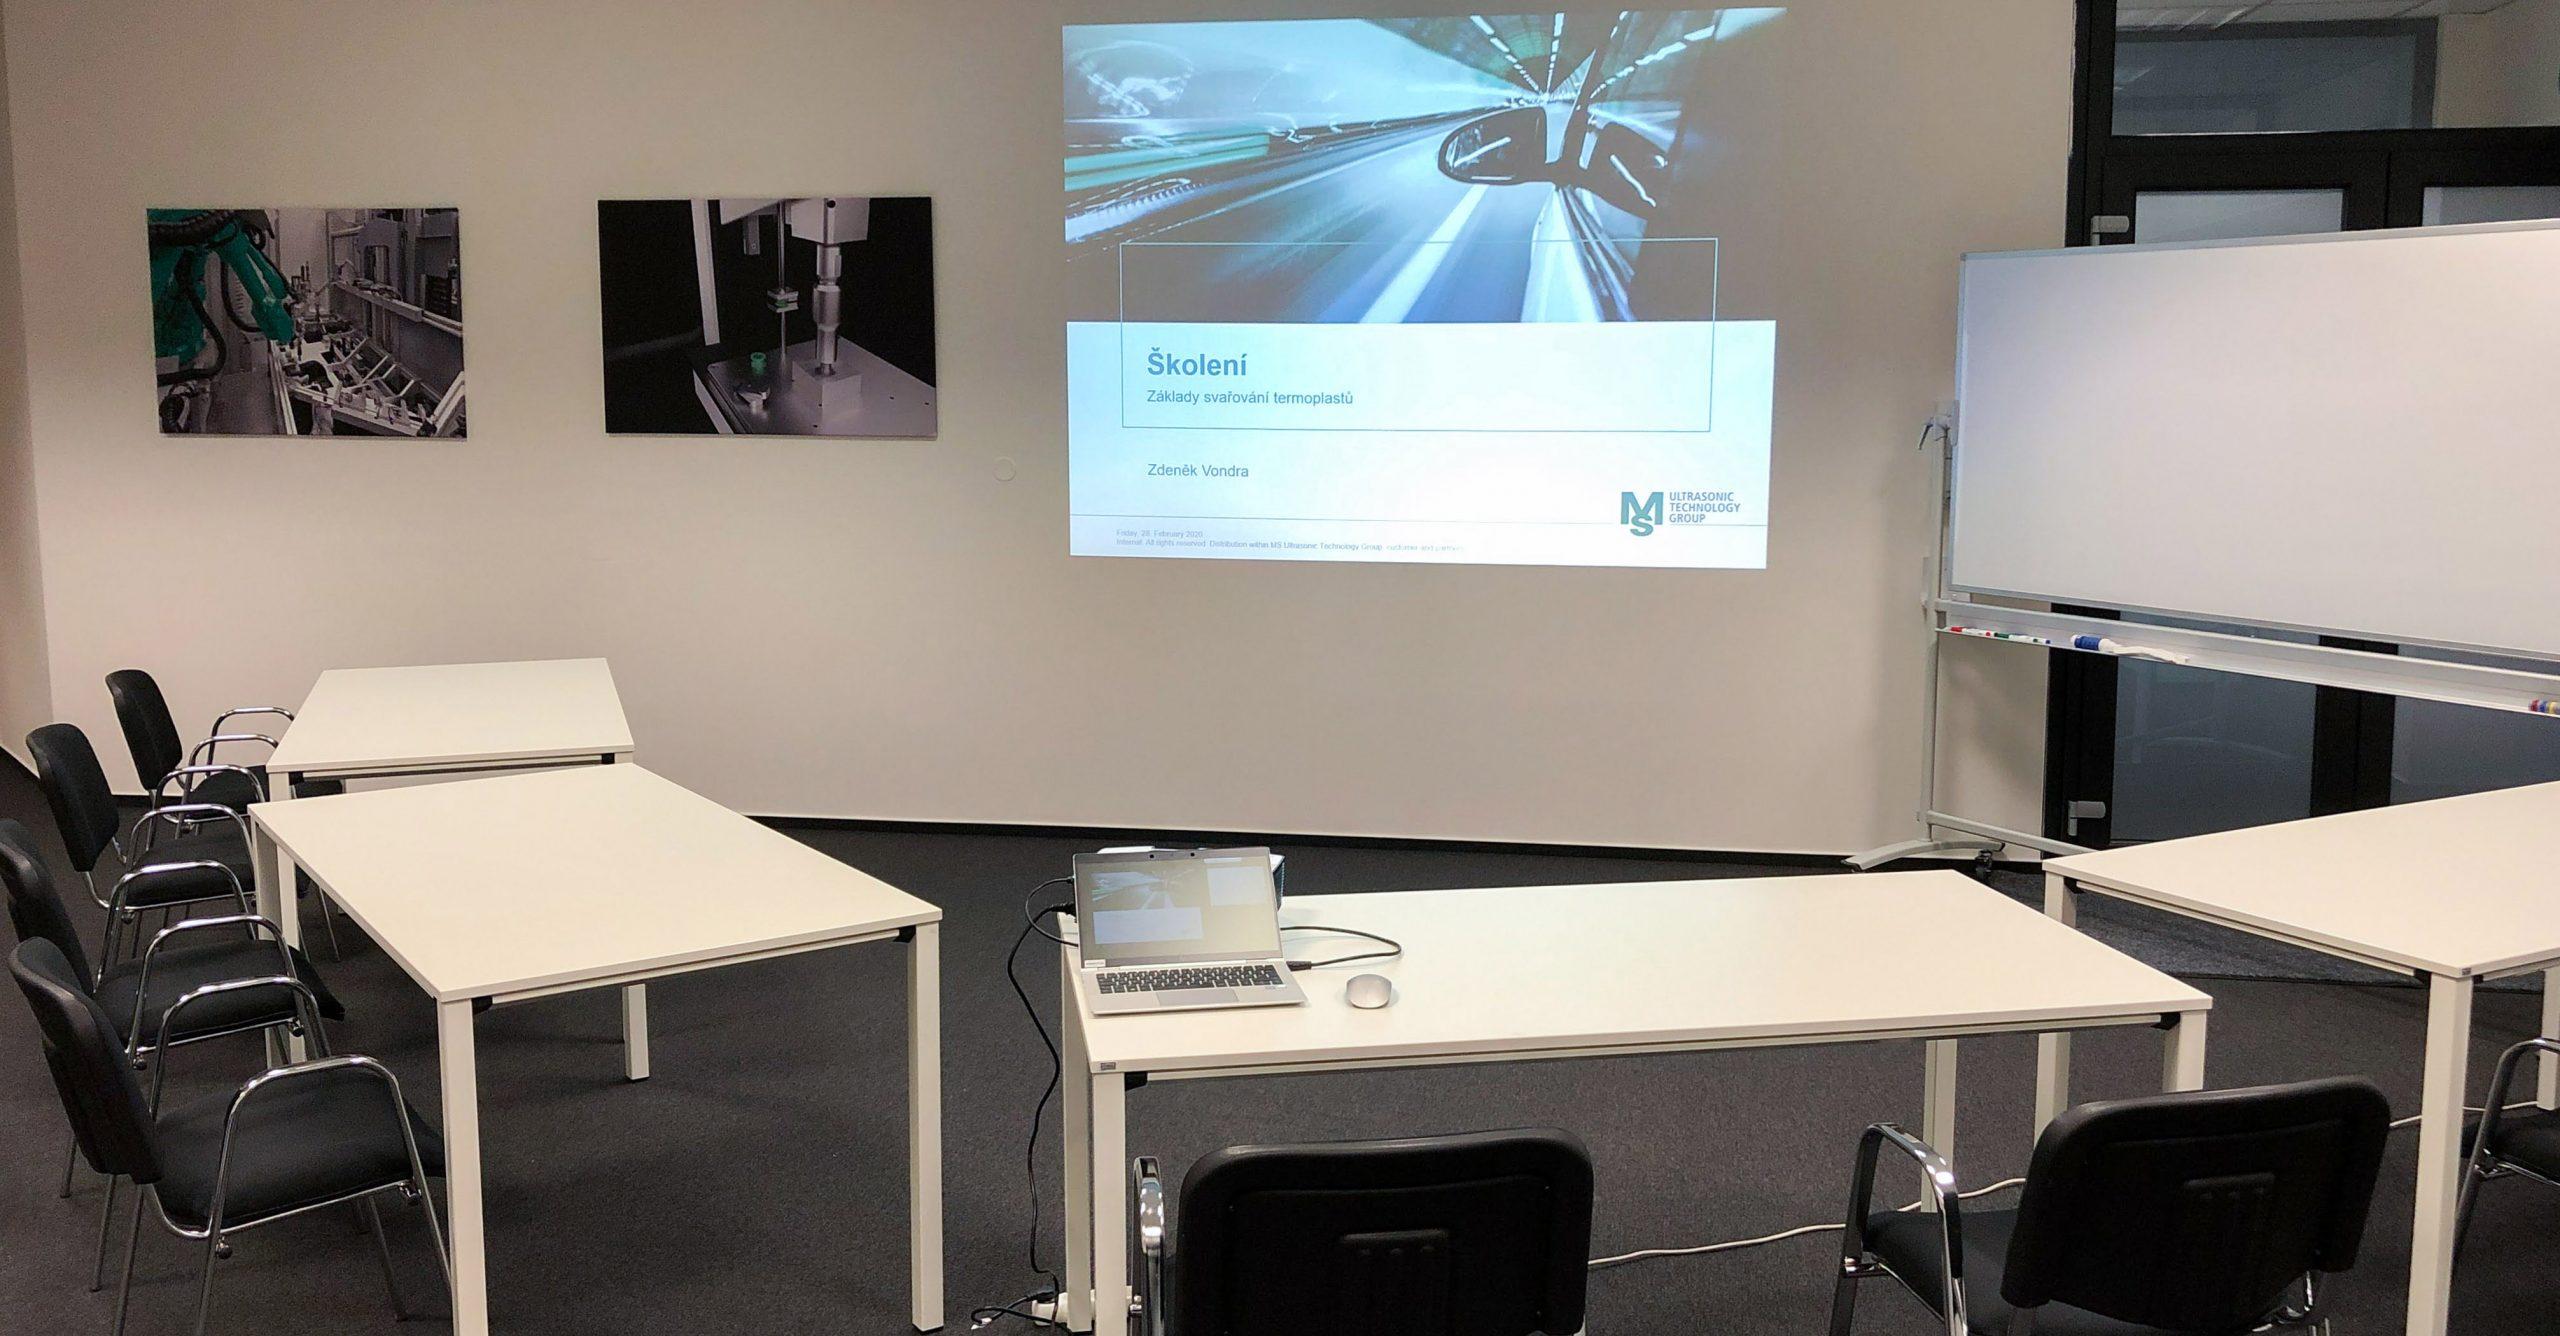 TechCenter Tschechien, Zdenek Vondra, Welcome, Willkommen